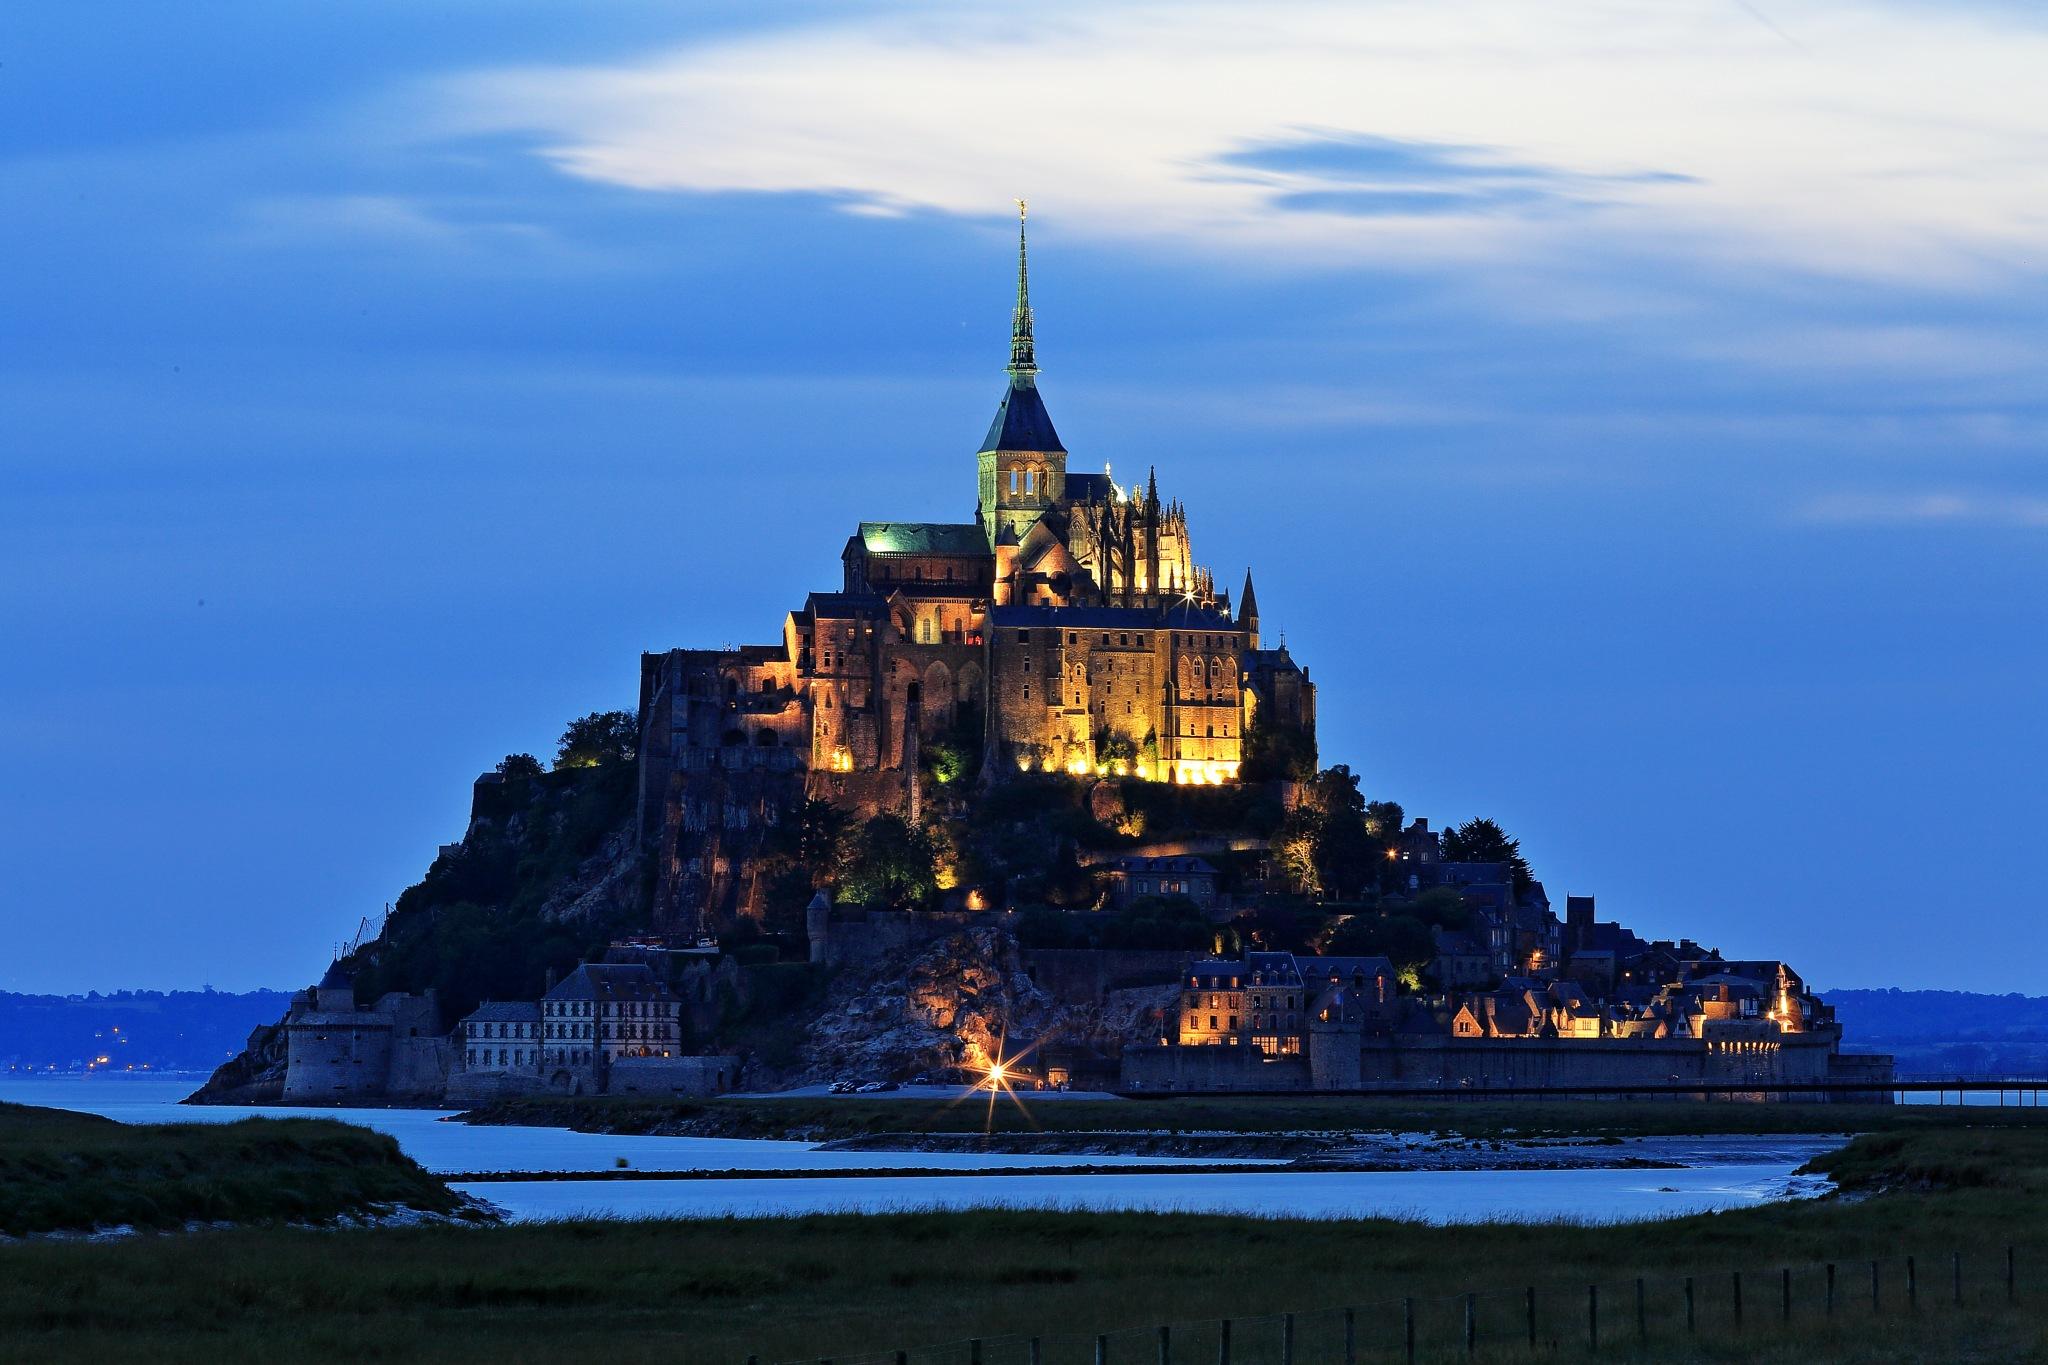 Mont saint Michel by Federico Andreini